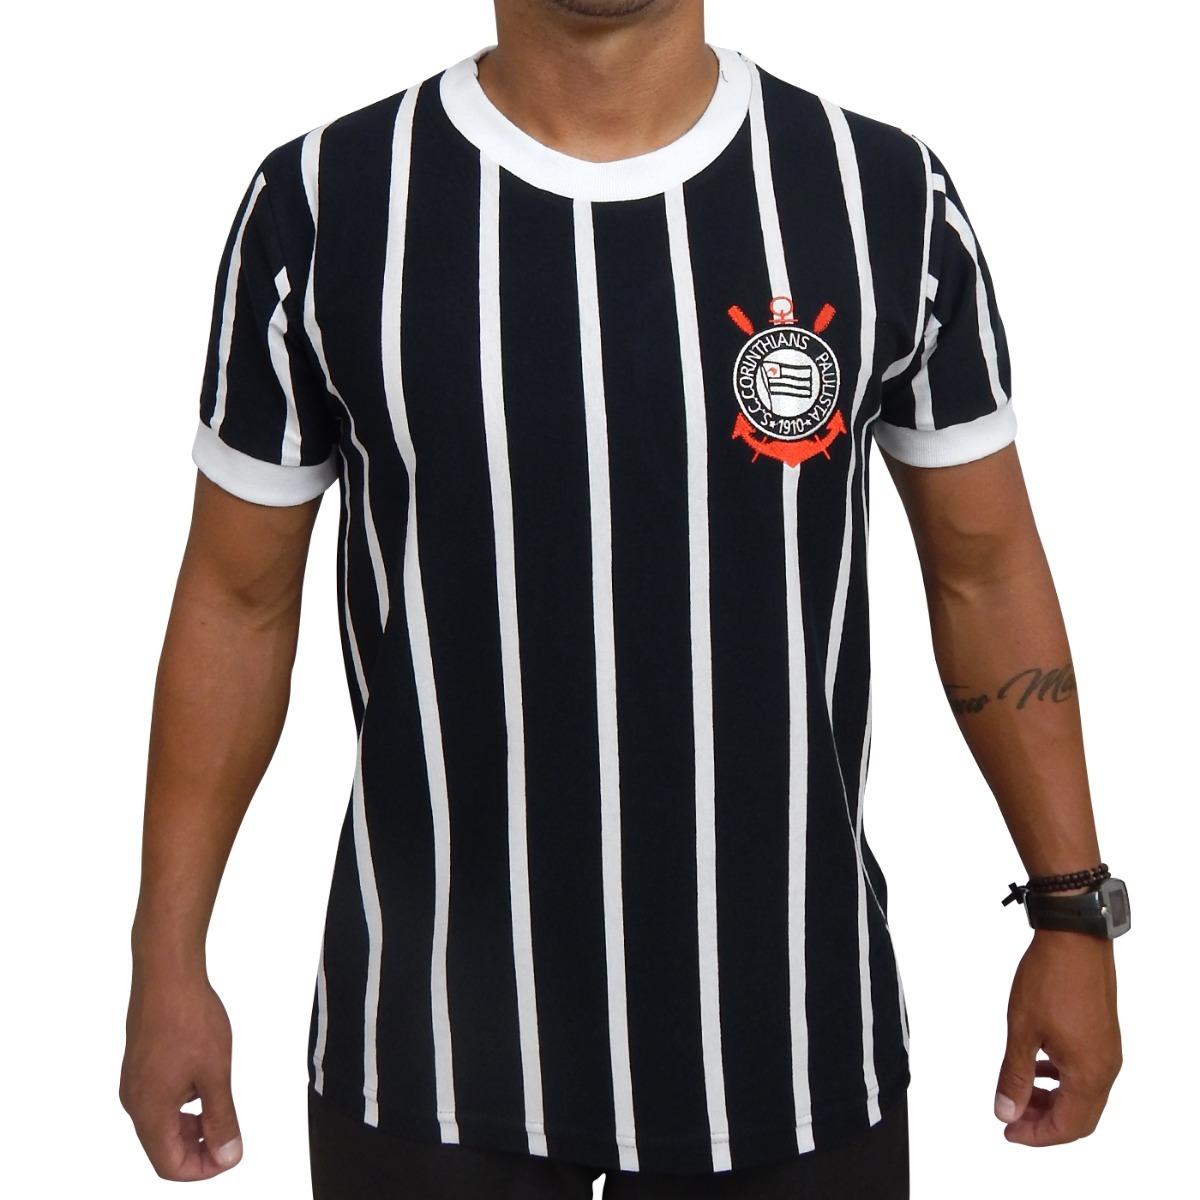 camisa corinthians 77 retrô. Carregando zoom. 7250654f7d0b8